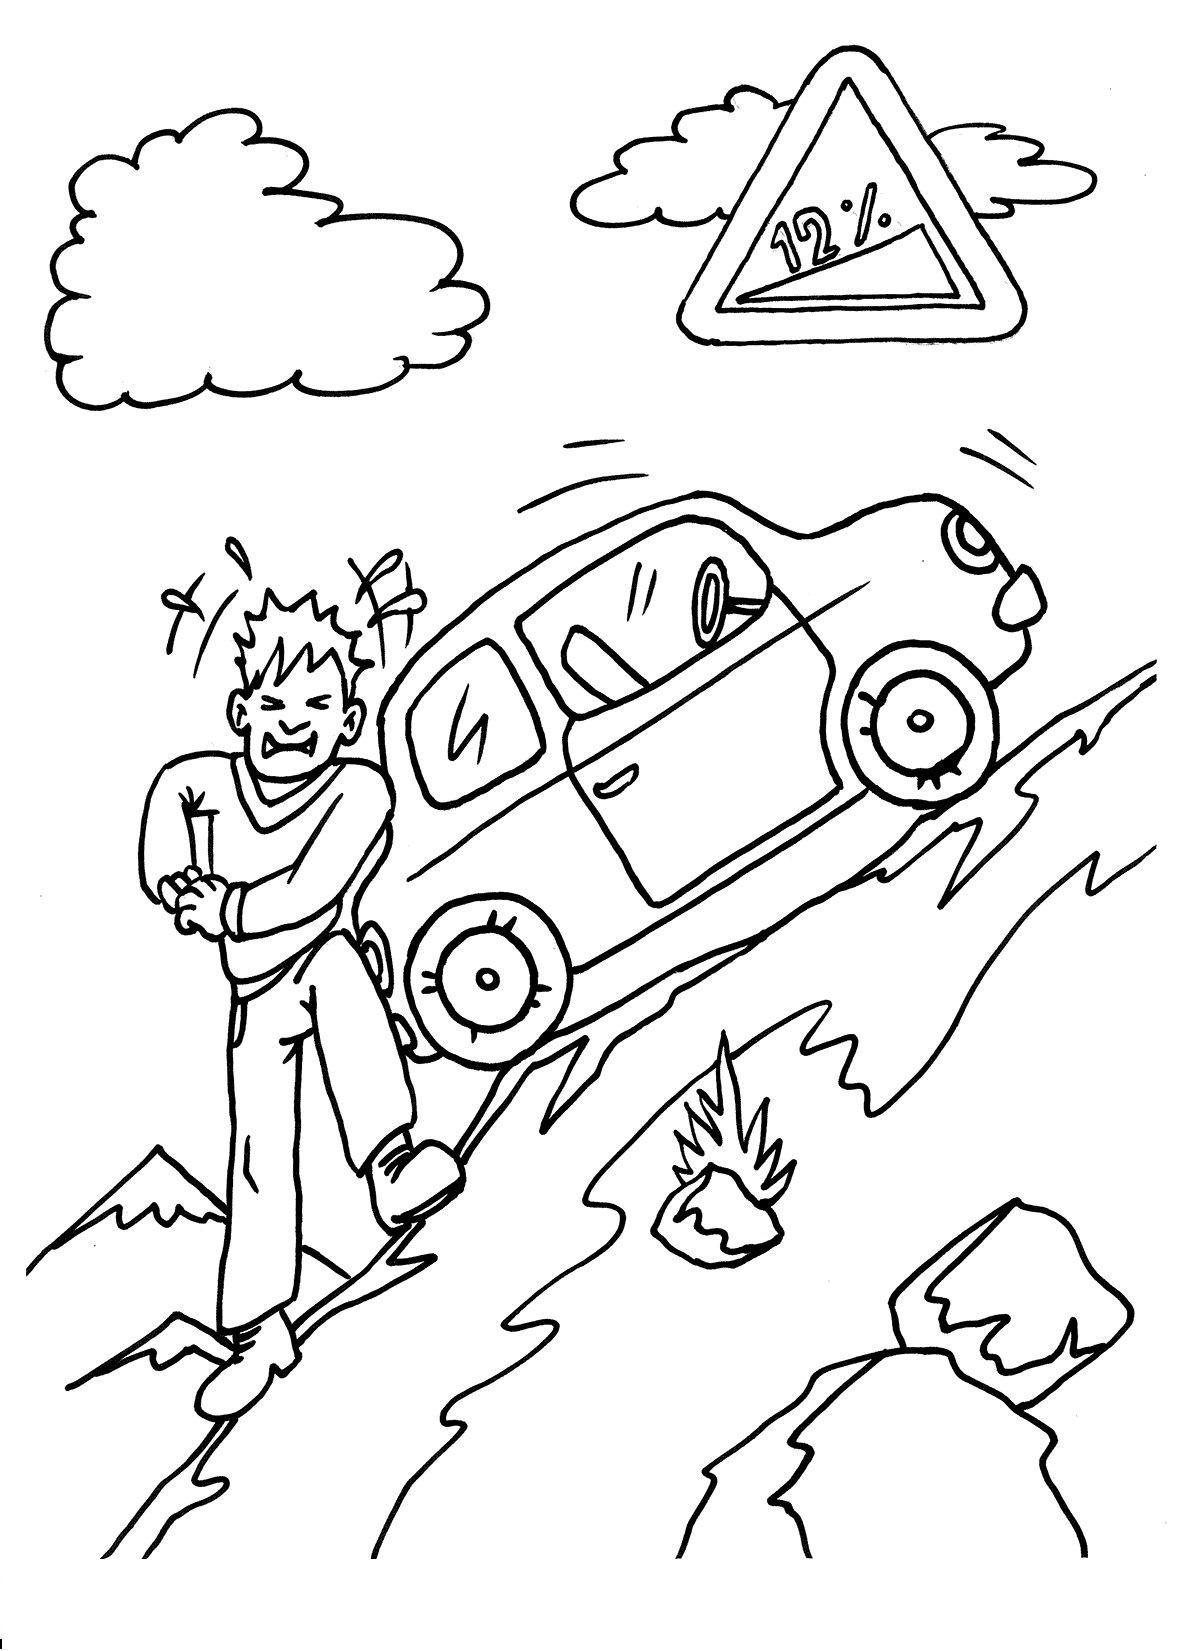 Знаки дорожного движения раскраски